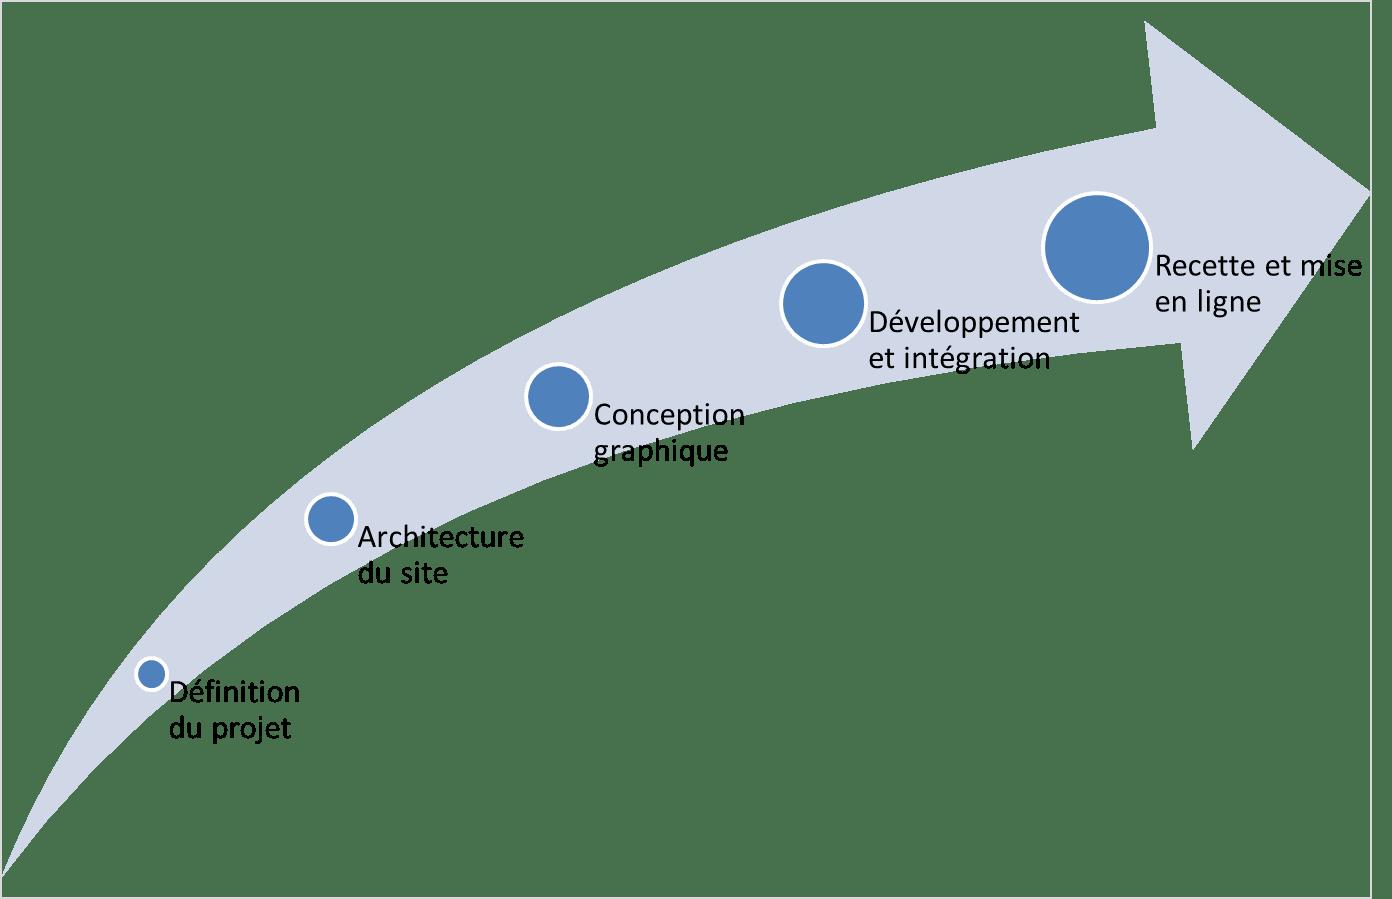 Etapes developpement site internet